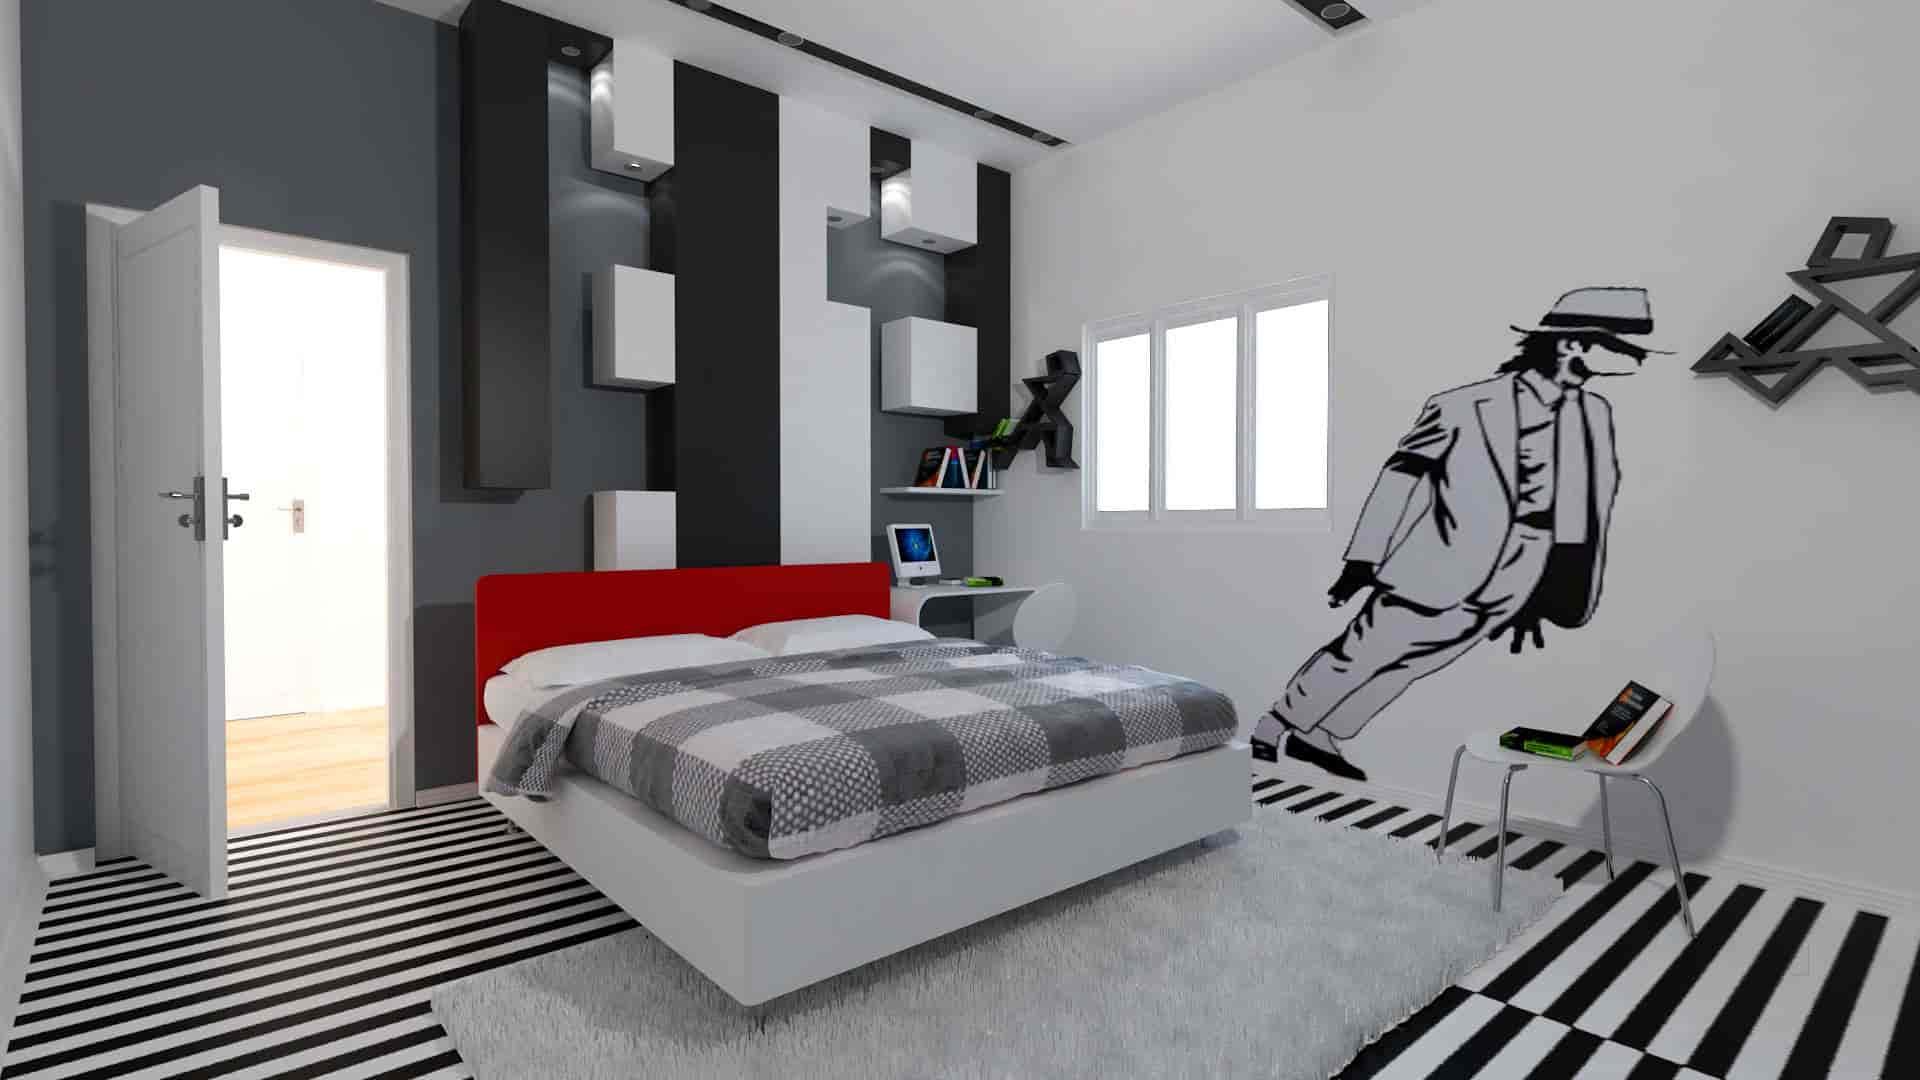 3d Interior Design Studio, Ellis Nagar - Interior Designers in ...